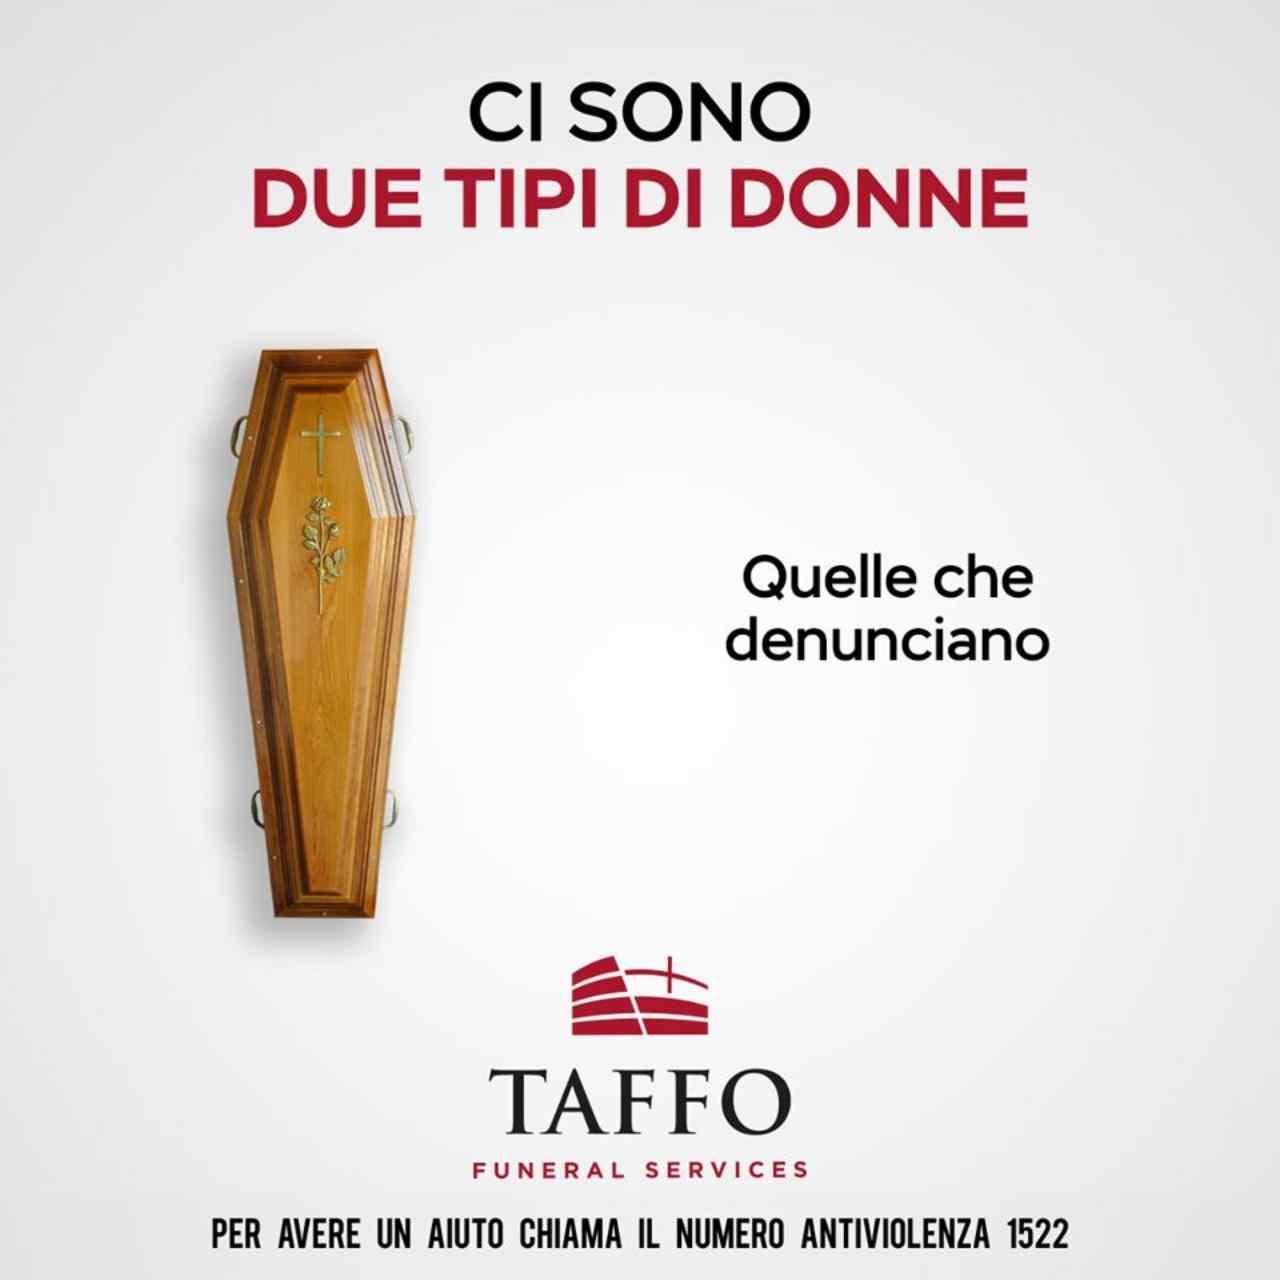 Taffo, pubblicità social contro violenza sulle donne